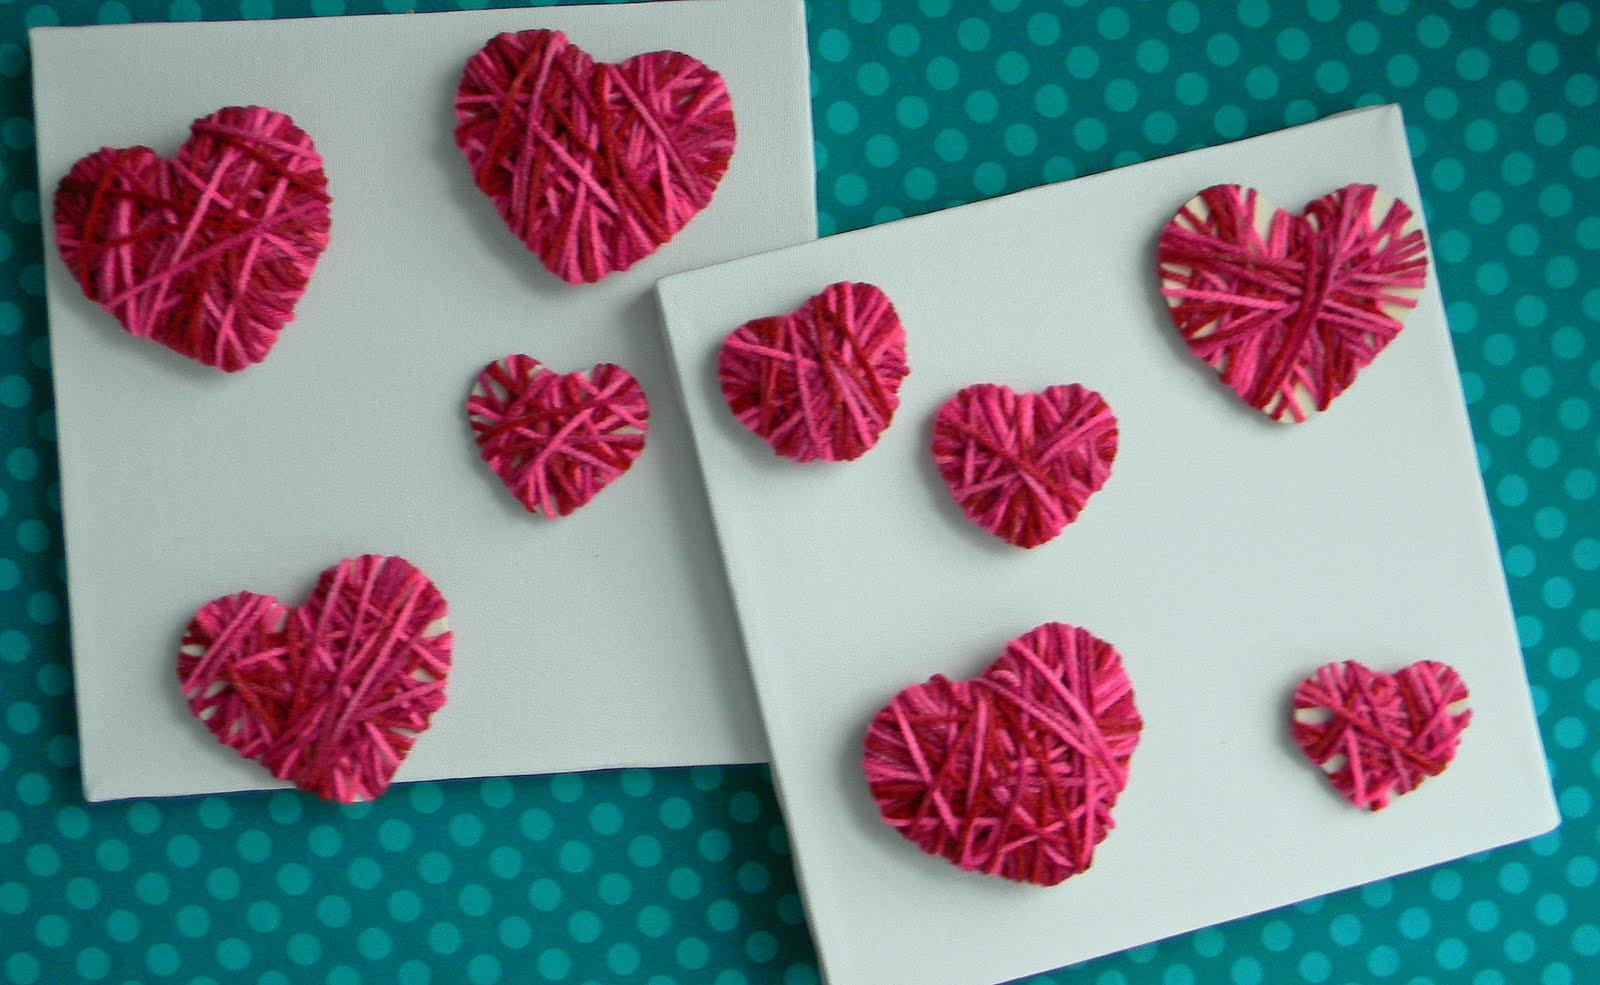 Diy Bastelideen  Valentinstag Karte Bastelideen für DIY Karte fresHouse